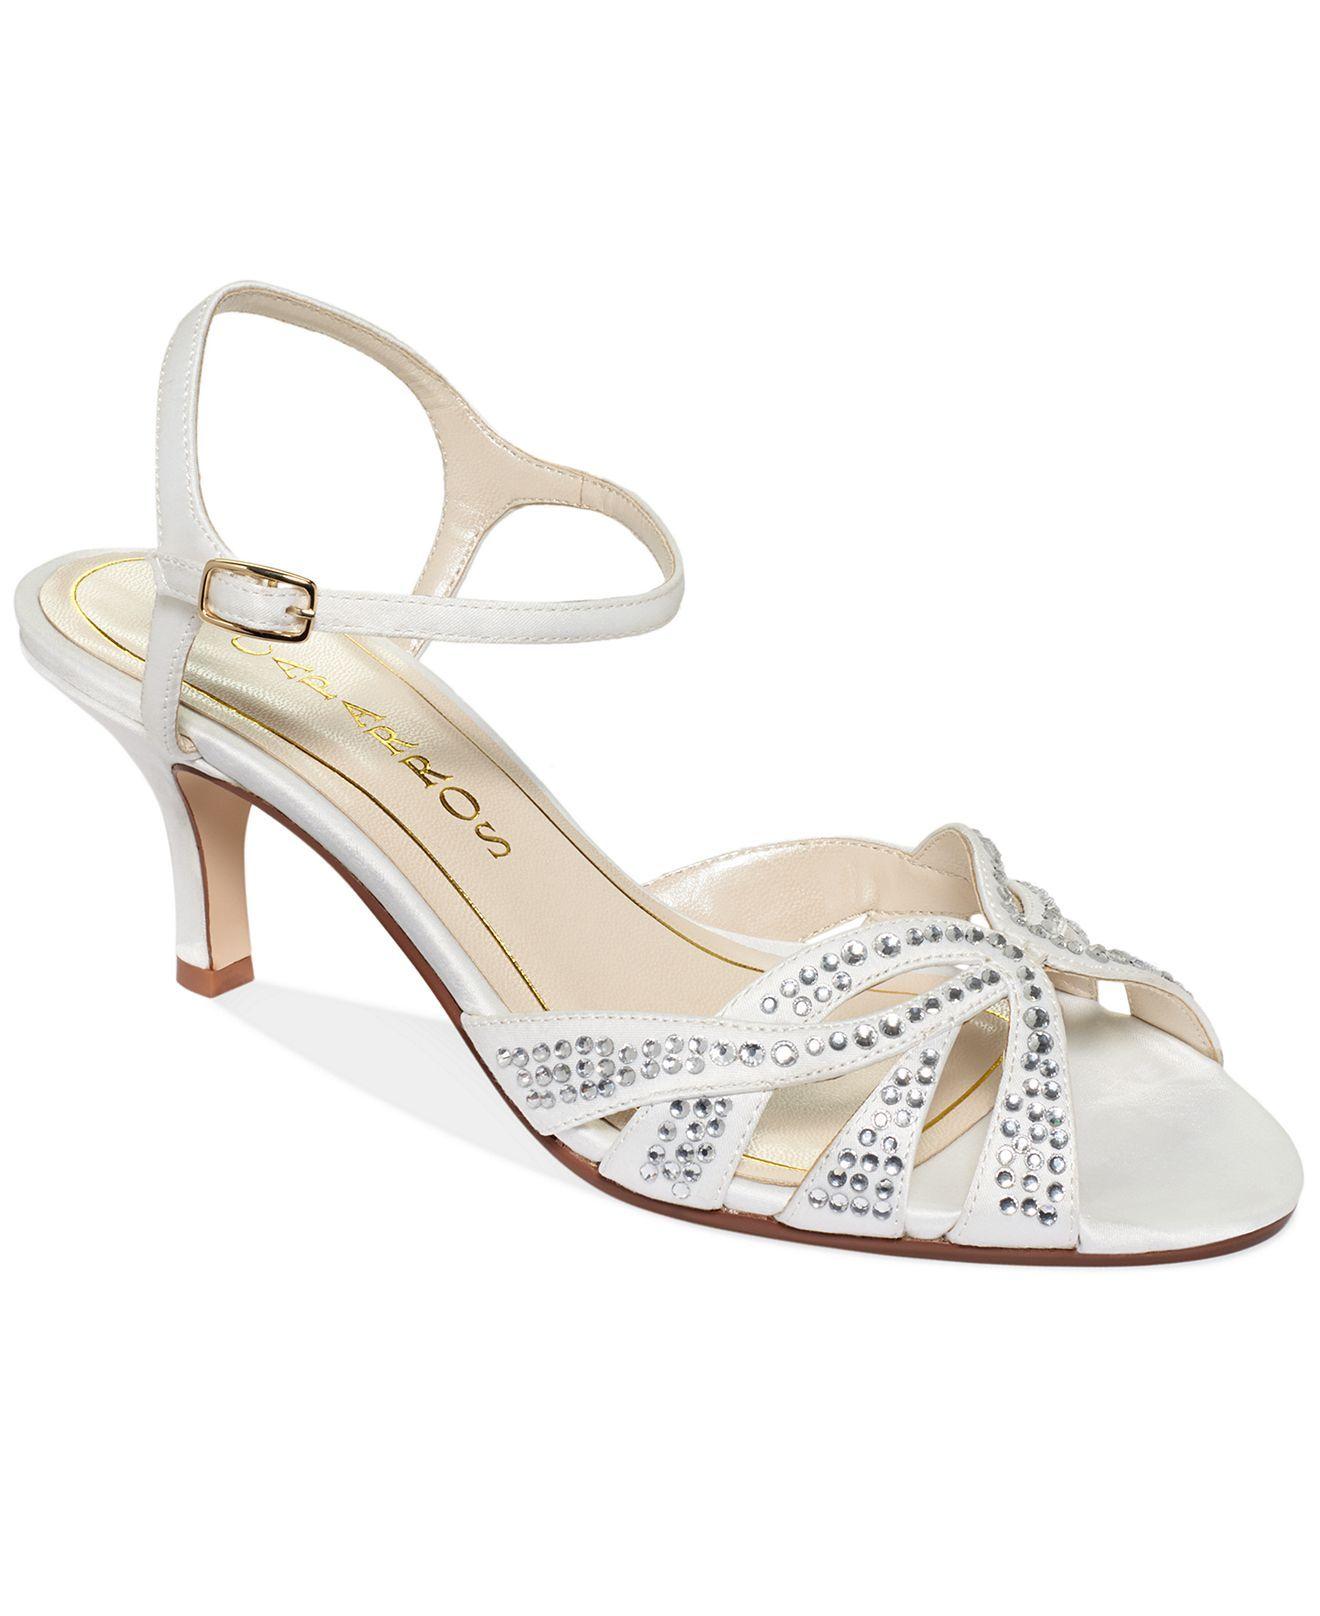 Caparros Shoes Heirloom Mid Heel Evening Sandals Evening Bridal Shoes Macys Caparros Shoes Sandals Evening Sandals